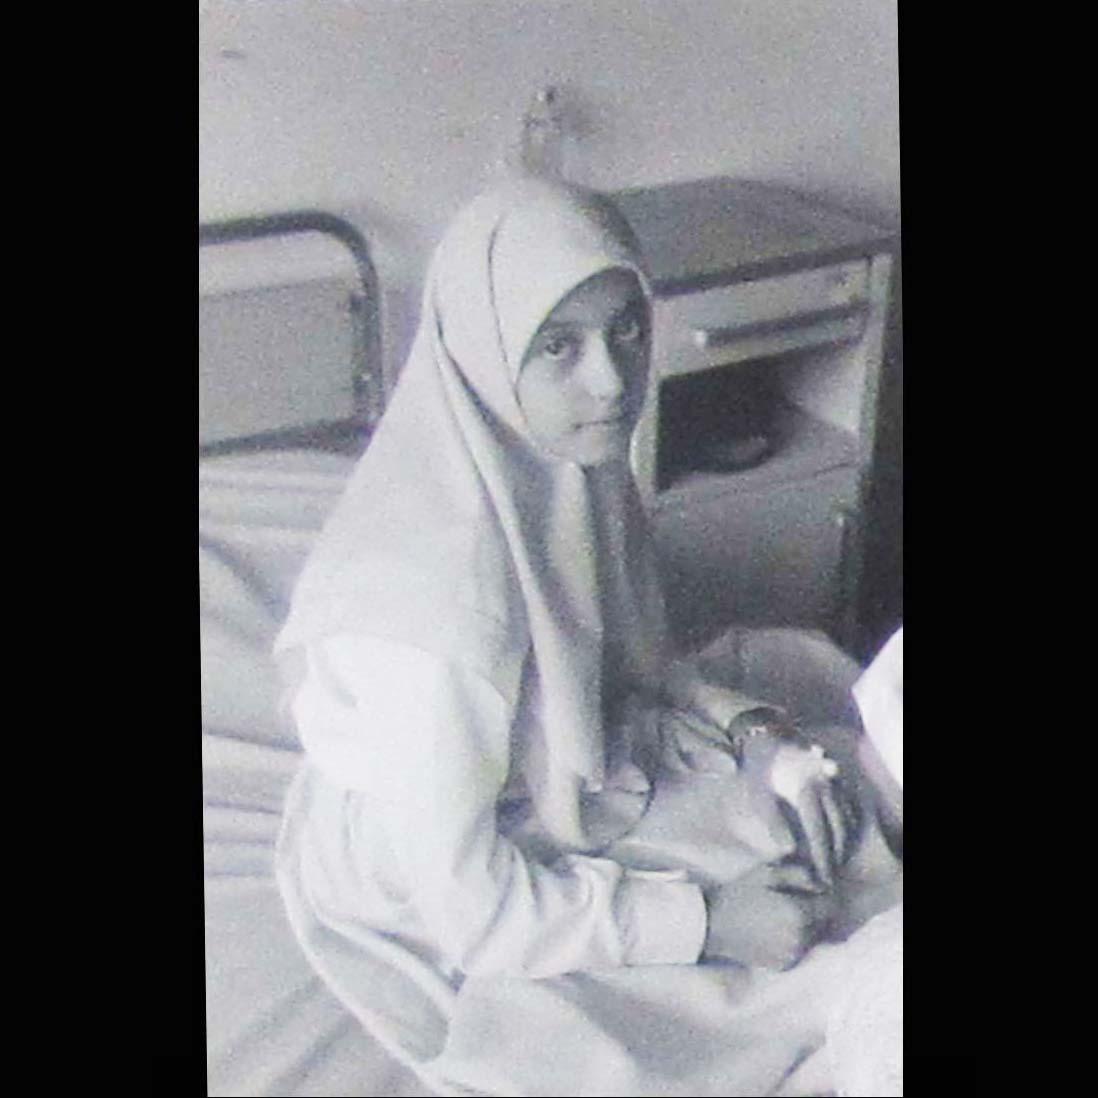 Girl in White, Alan Pogue